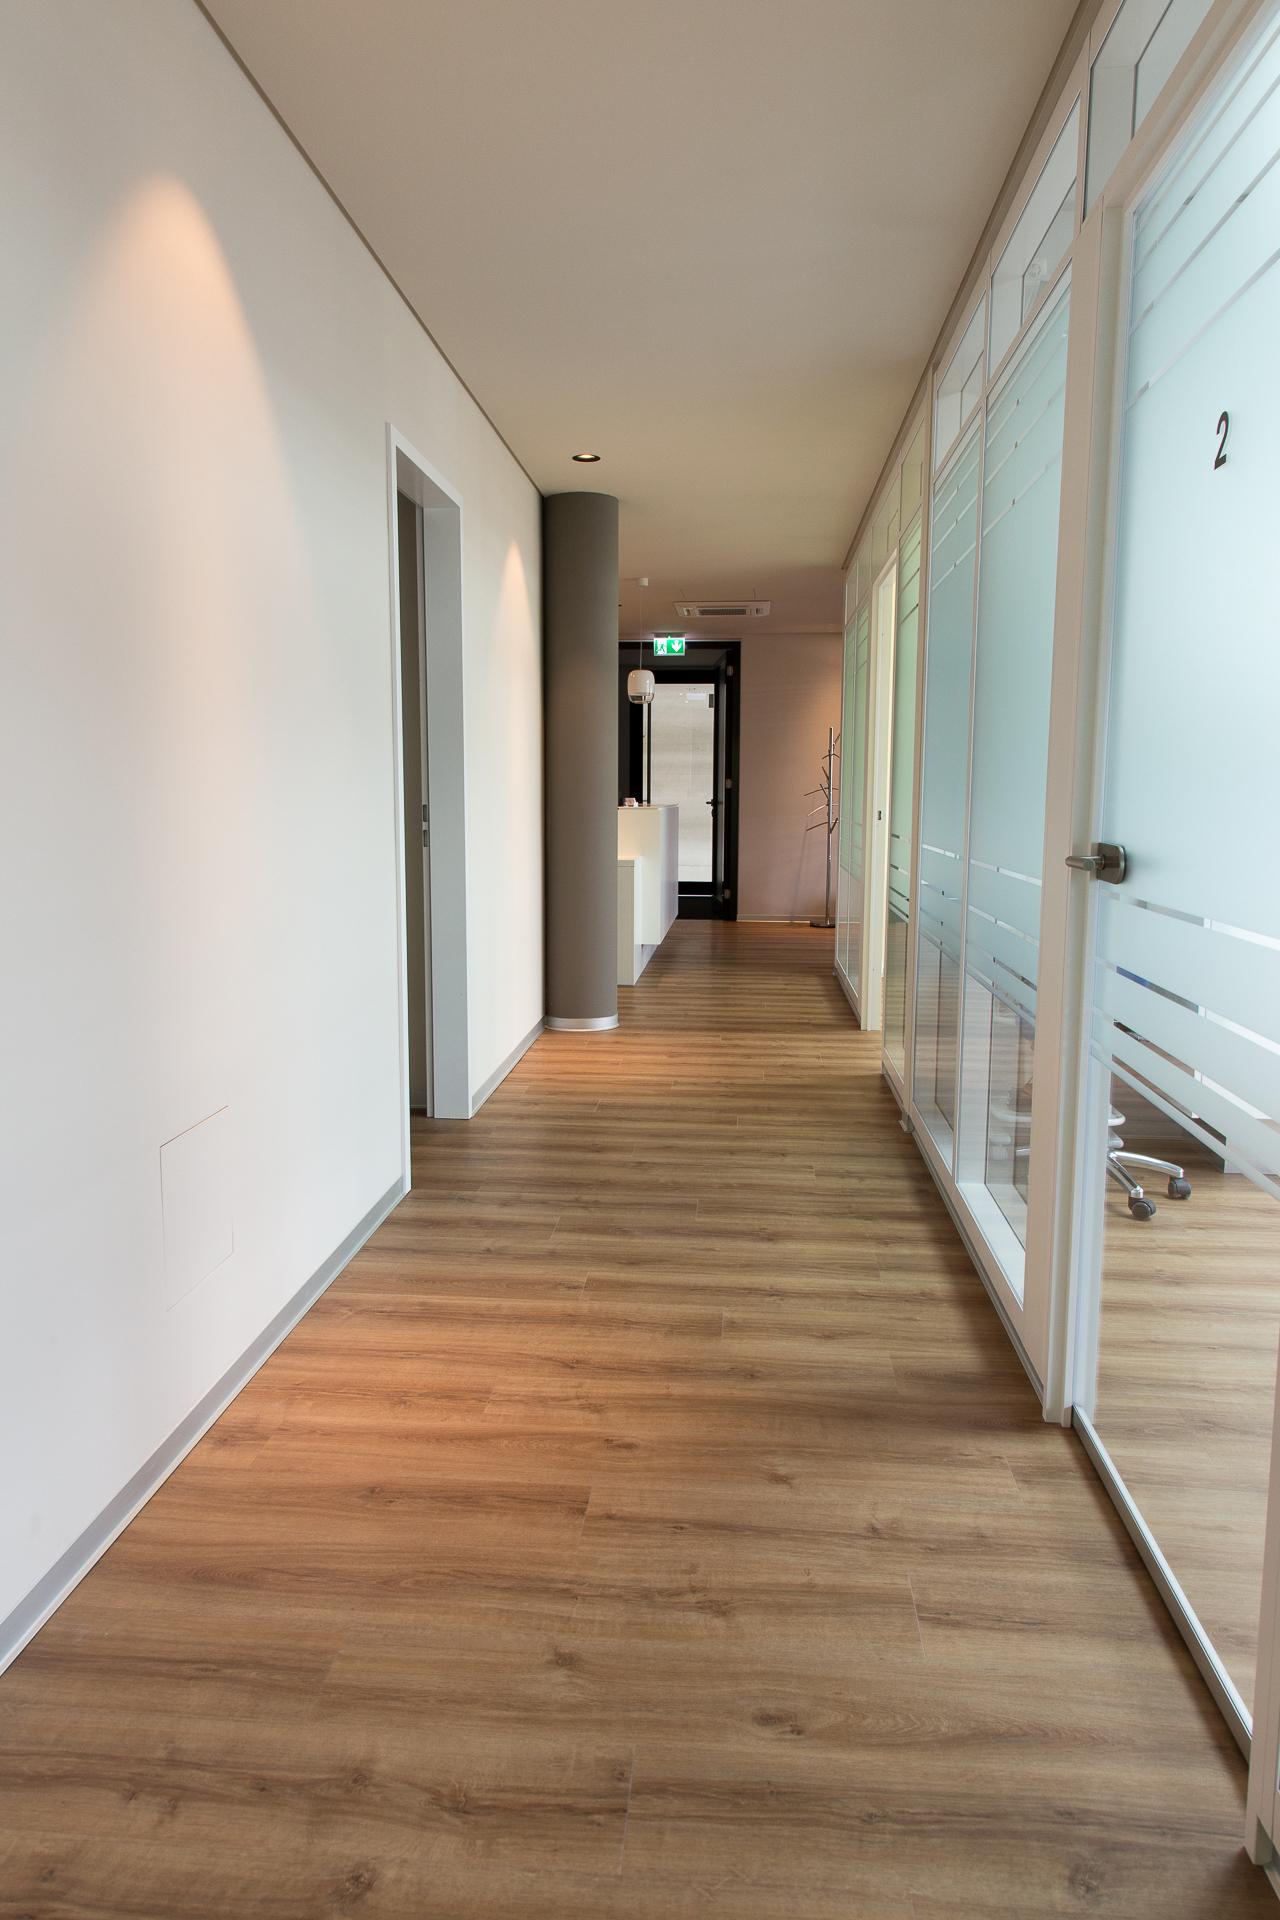 Flur eine Seite verglast - Inneneinrichtung Heidelberg, Mannheim, Stuttgart - Gaffga Interieur Design. Planung und Ausführung - Lichtplanung - Möbel auf Maß. Arztpraxis